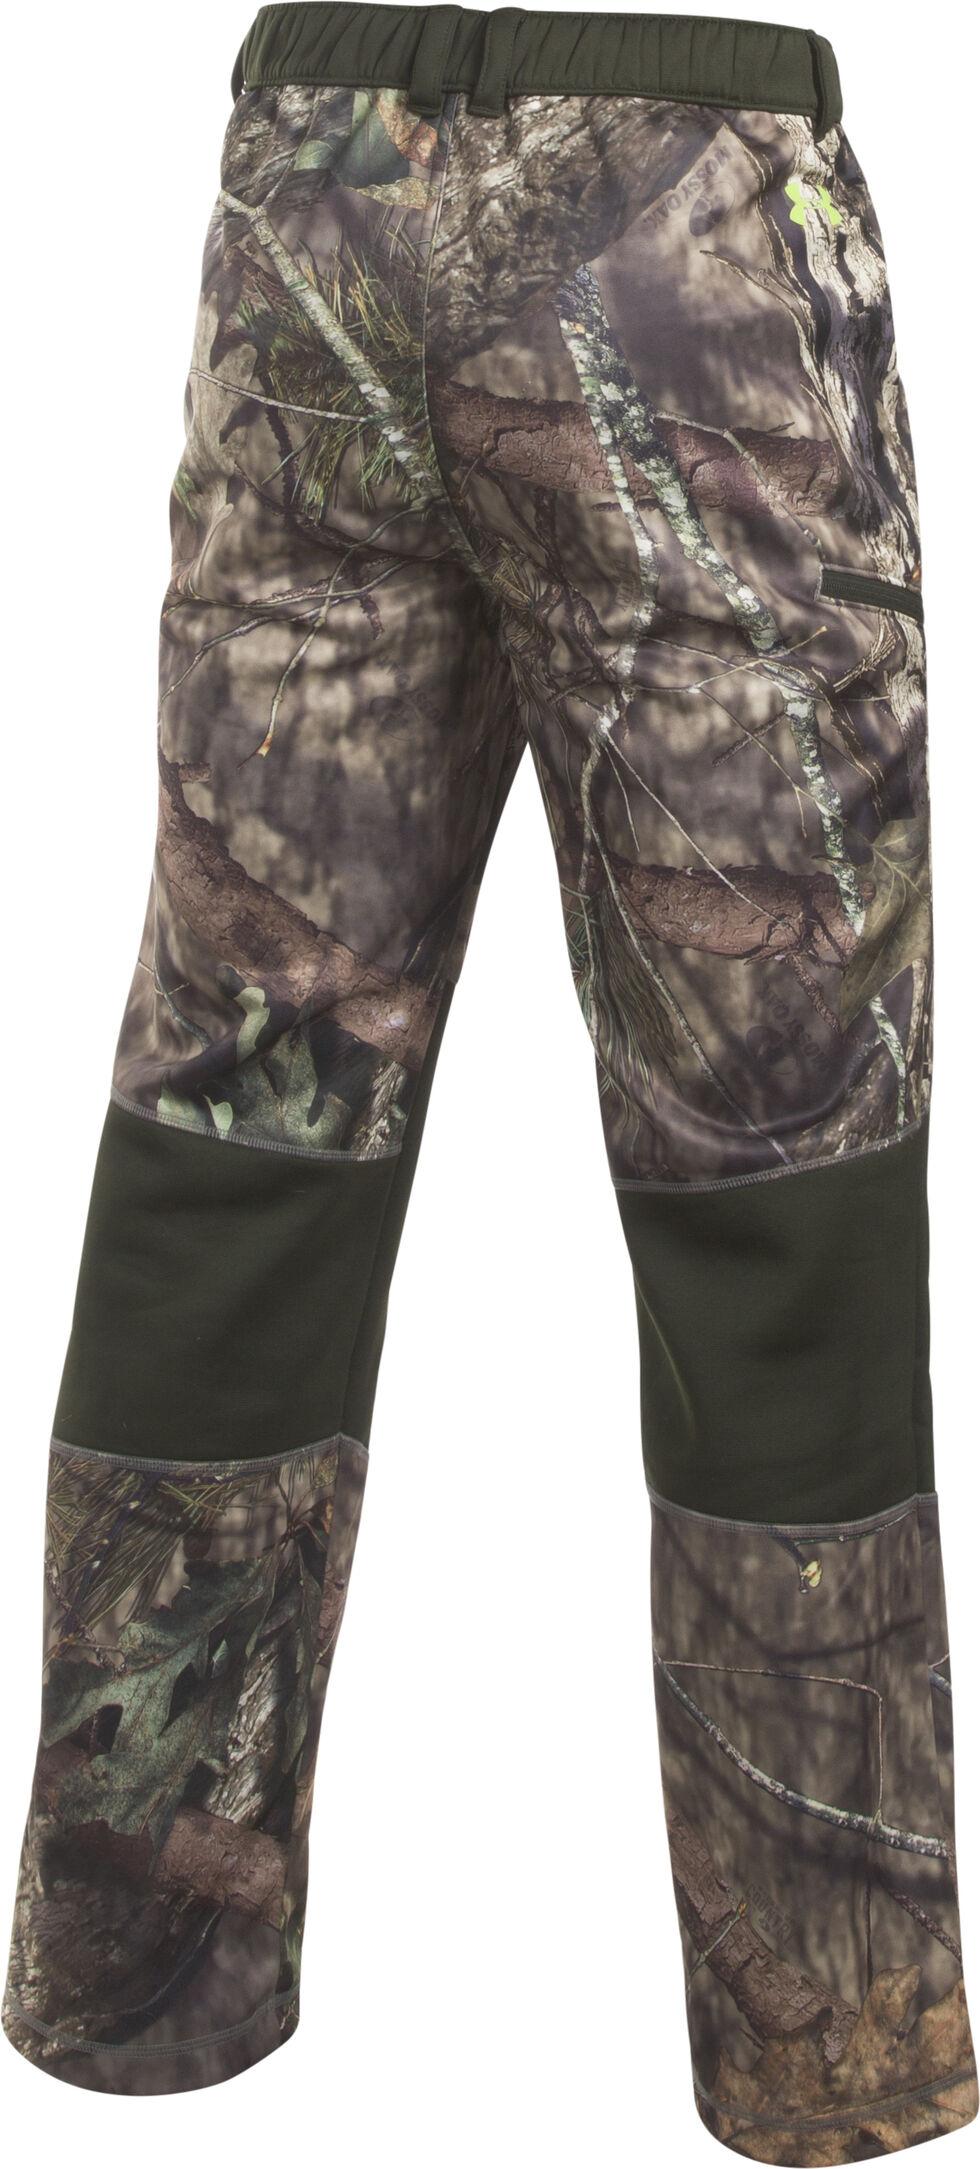 Under Armour Men's Scent Control Armour Fleece Pants, Mossy Oak, hi-res